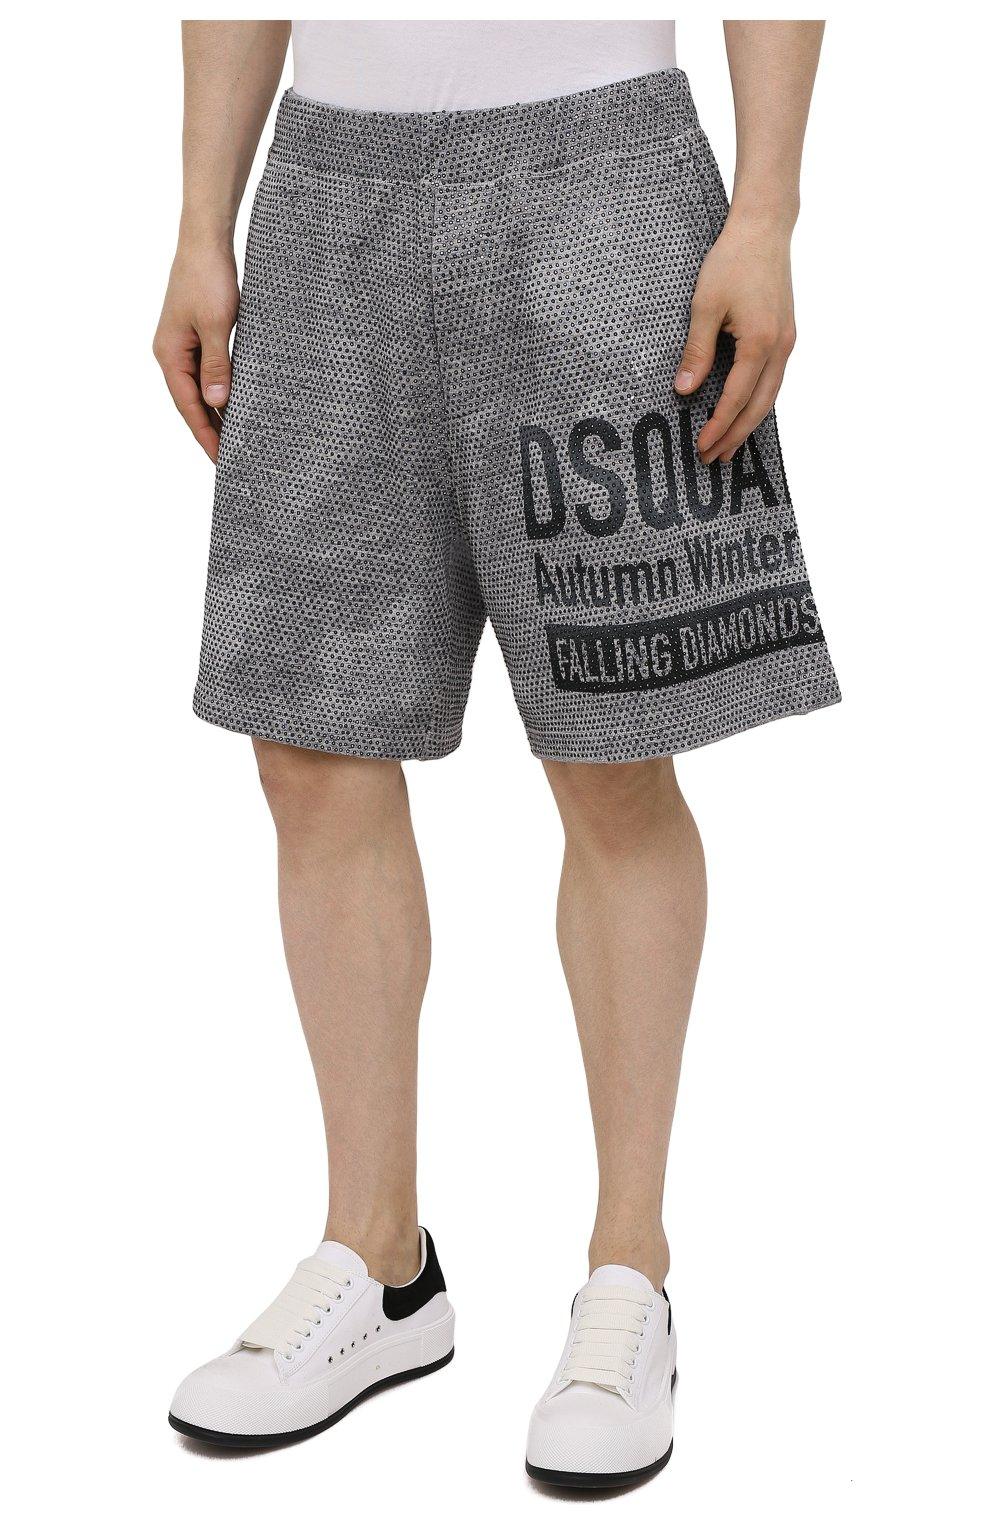 Мужские хлопковые шорты DSQUARED2 серого цвета, арт. S74MU0676/S25477   Фото 3 (Длина Шорты М: До колена; Принт: С принтом; Кросс-КТ: Трикотаж; Материал внешний: Хлопок; Стили: Спорт-шик)